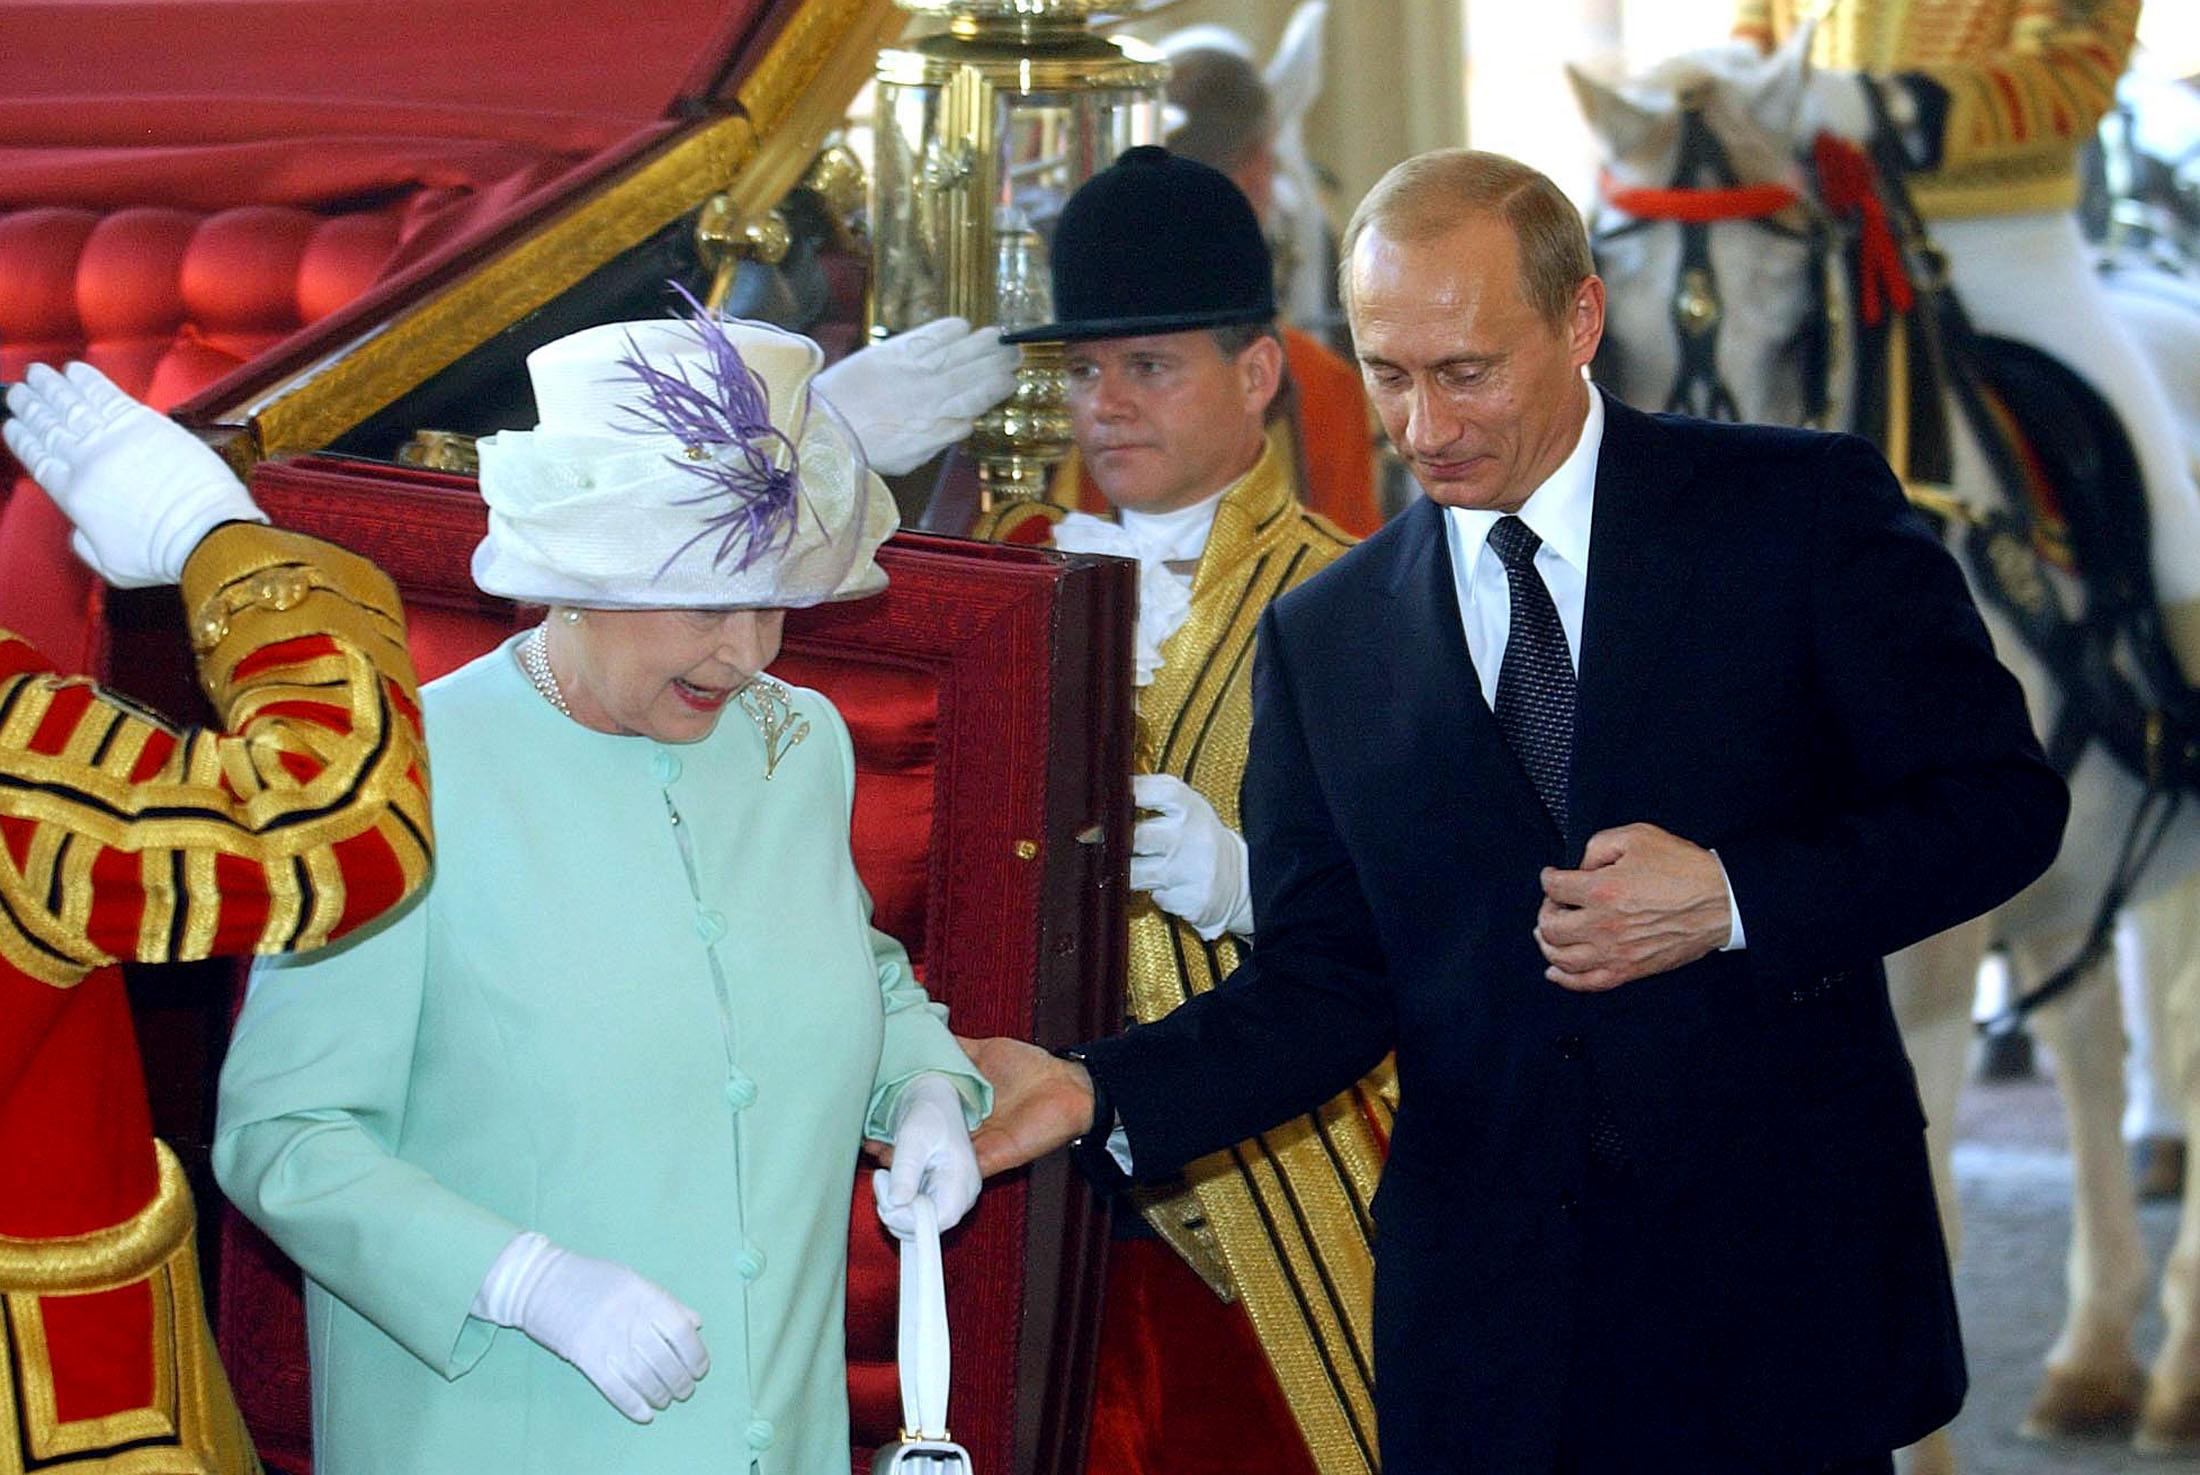 2003年6月ロンドンを訪問した際、バッキンガム宮殿でプーチン大統領はエリザベス女王が馬車から降りるところを補助。